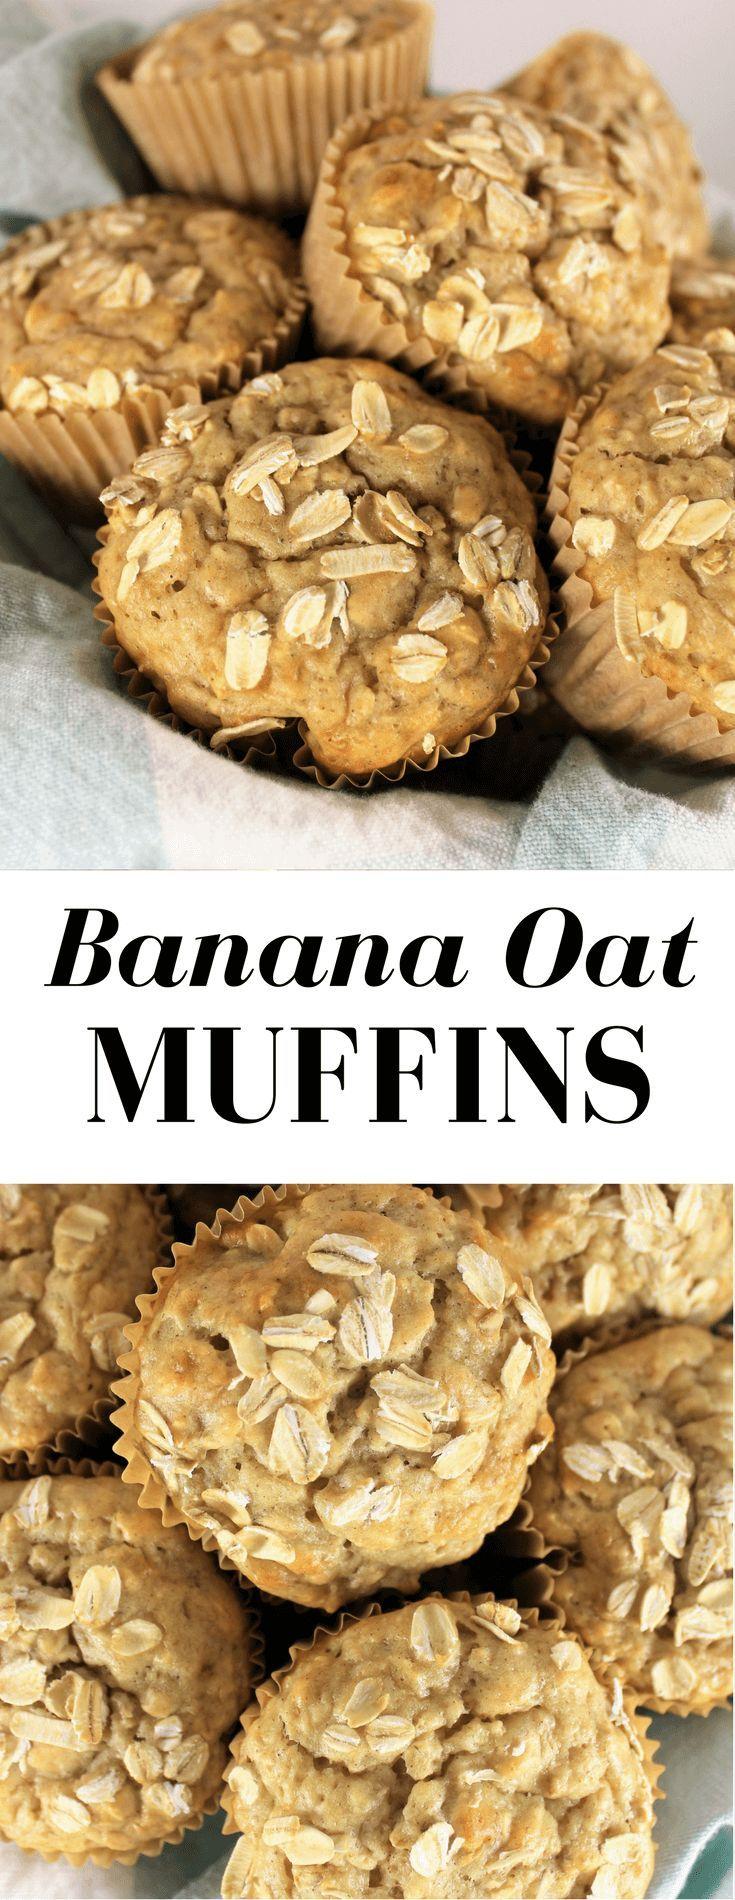 Banana Oat Muffins #bananaoatmuffin #muffin #healthymuffun #breakfast #snack